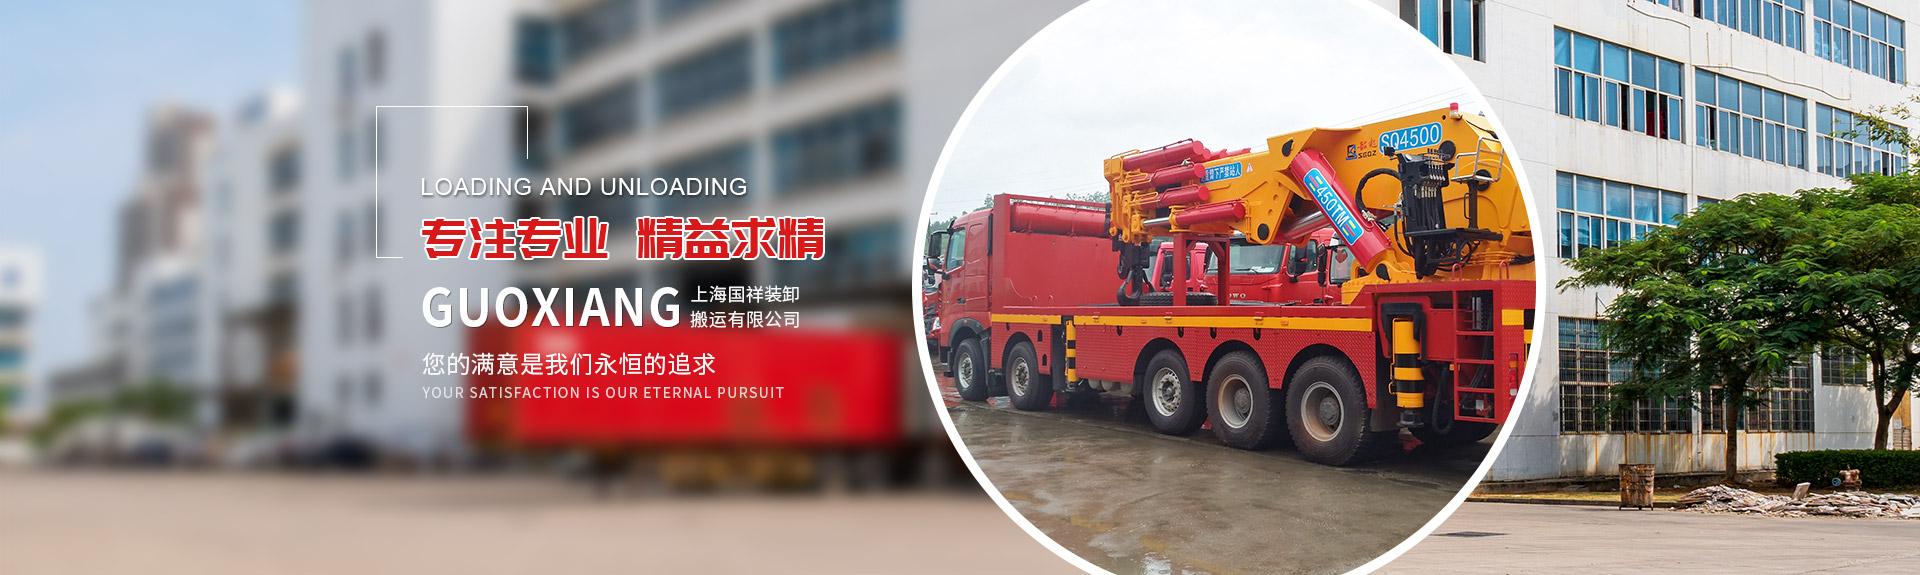 上海国祥装卸搬运有限公司